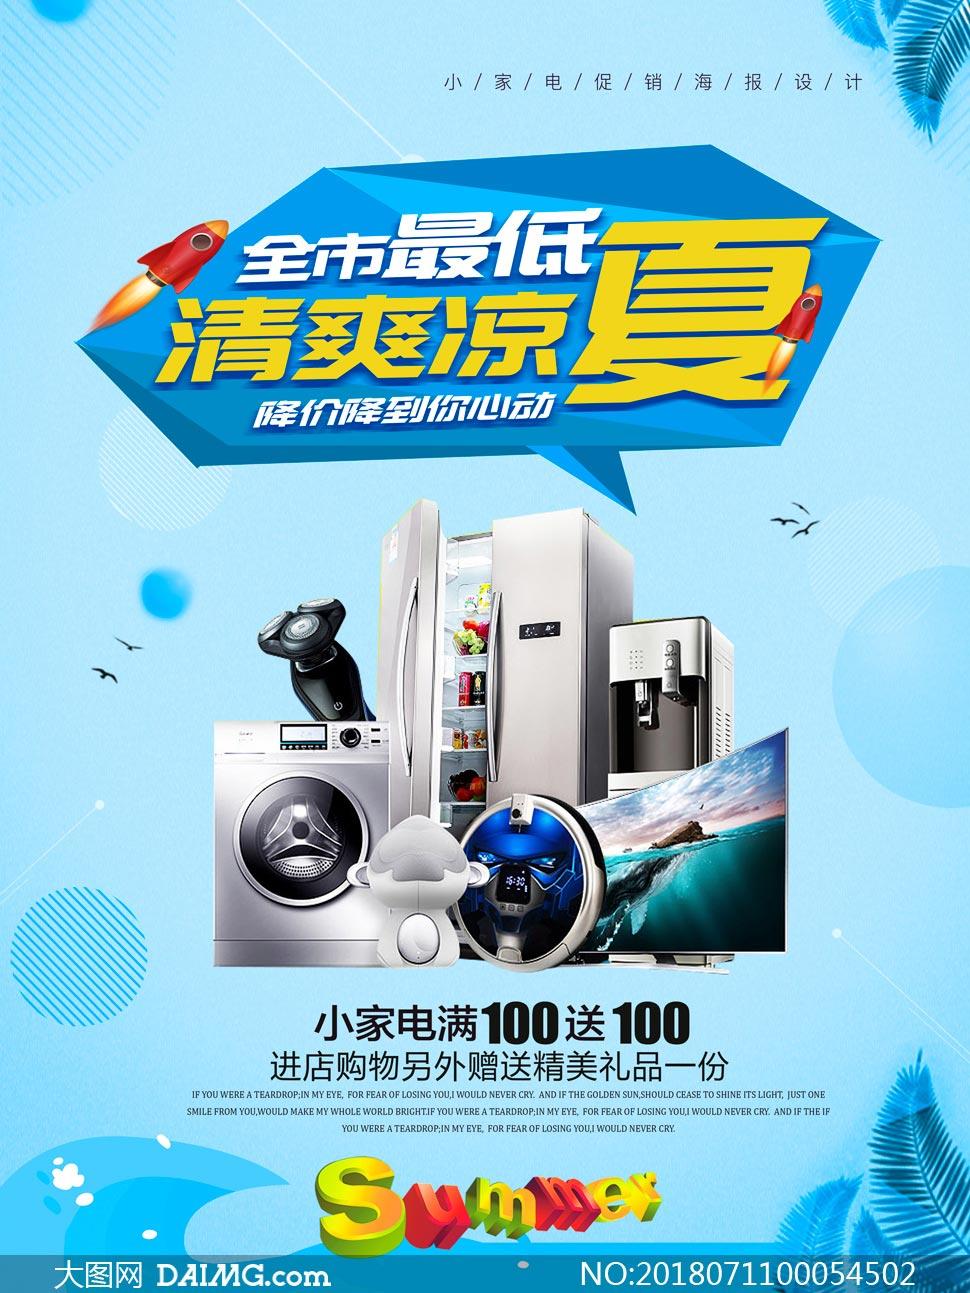 商场夏季家电促销海报设计PSD素材